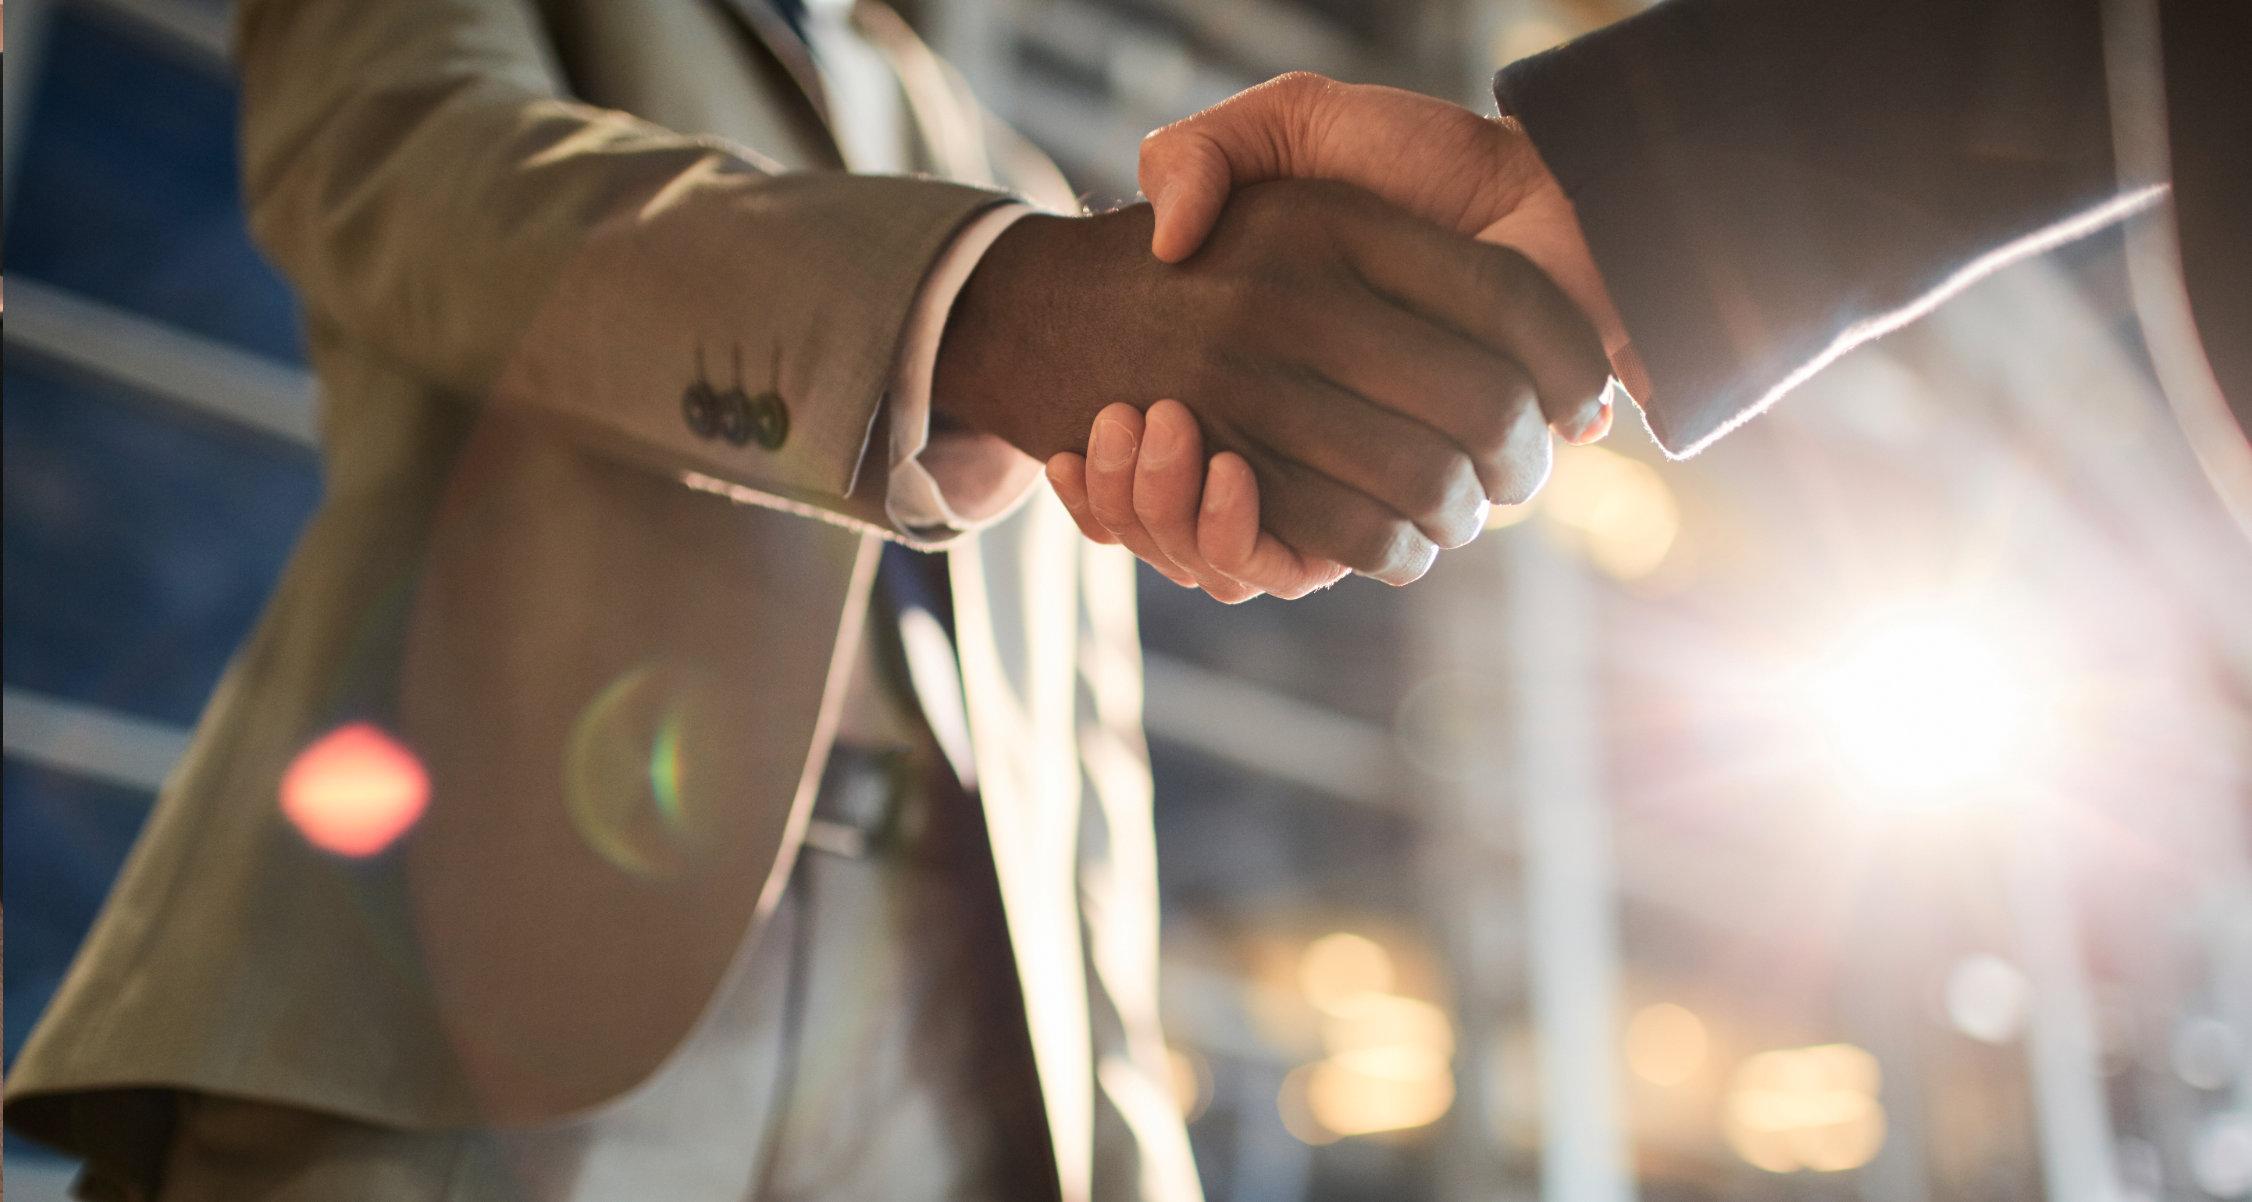 Rollicoat Beratung Kauf Deal